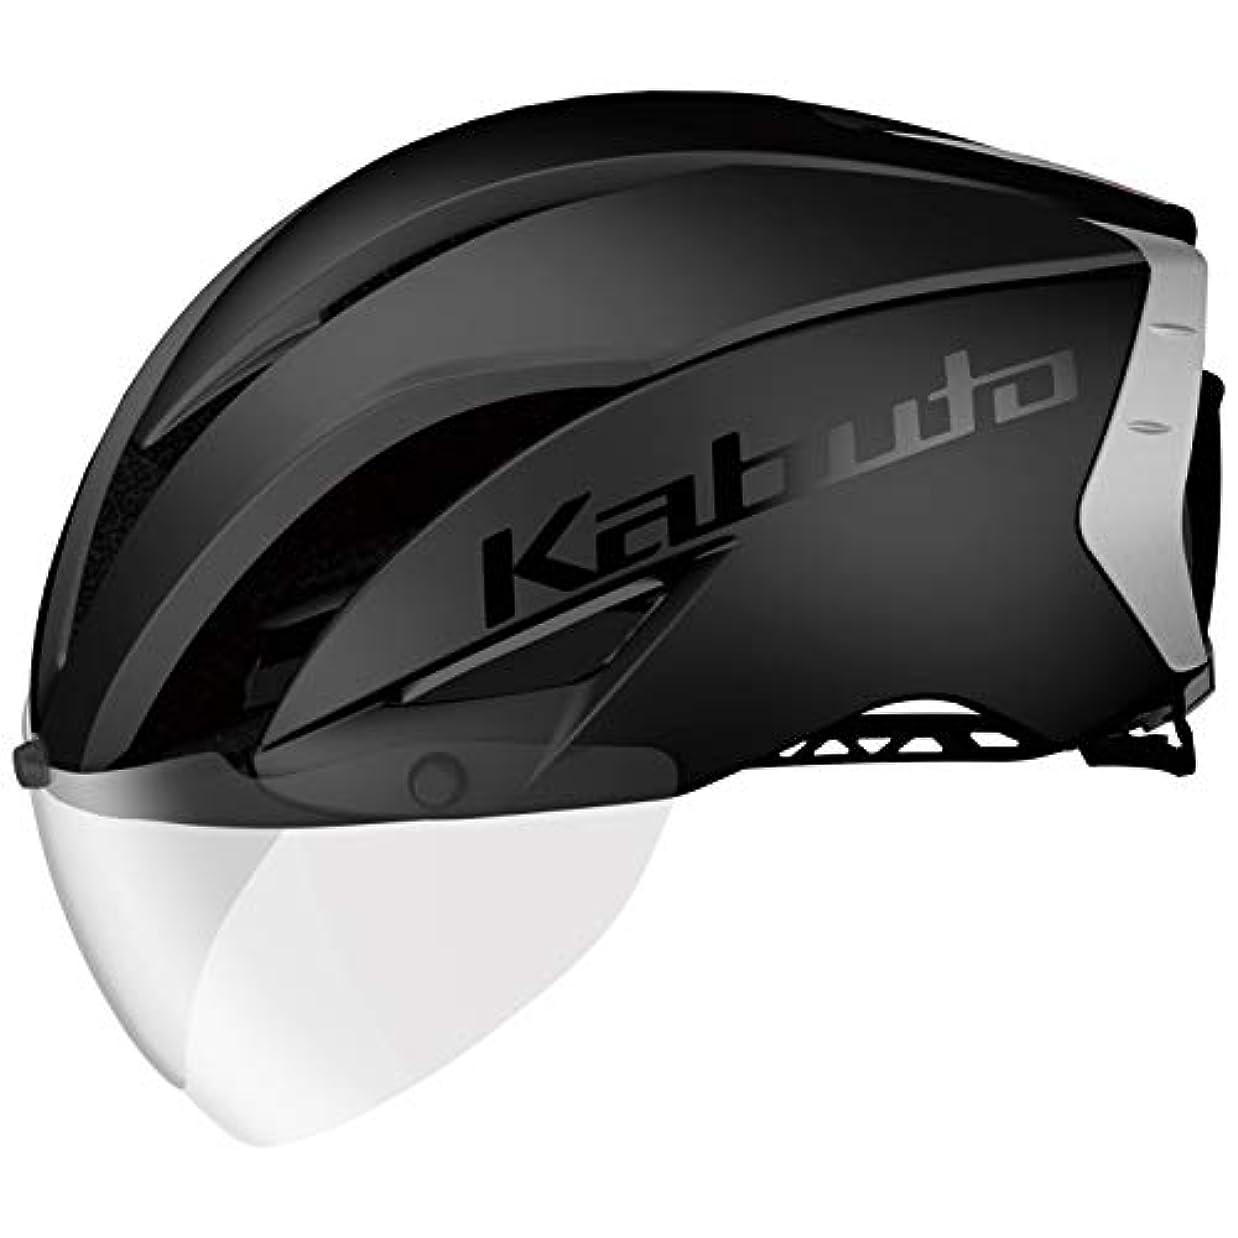 野心気がついてゴルフOGK KABUTO(オージーケーカブト) ヘルメット AERO-R1 (エアロ-R1) カラー:マットブラック-2 サイズ:XS/S(頭囲:54~56cm)